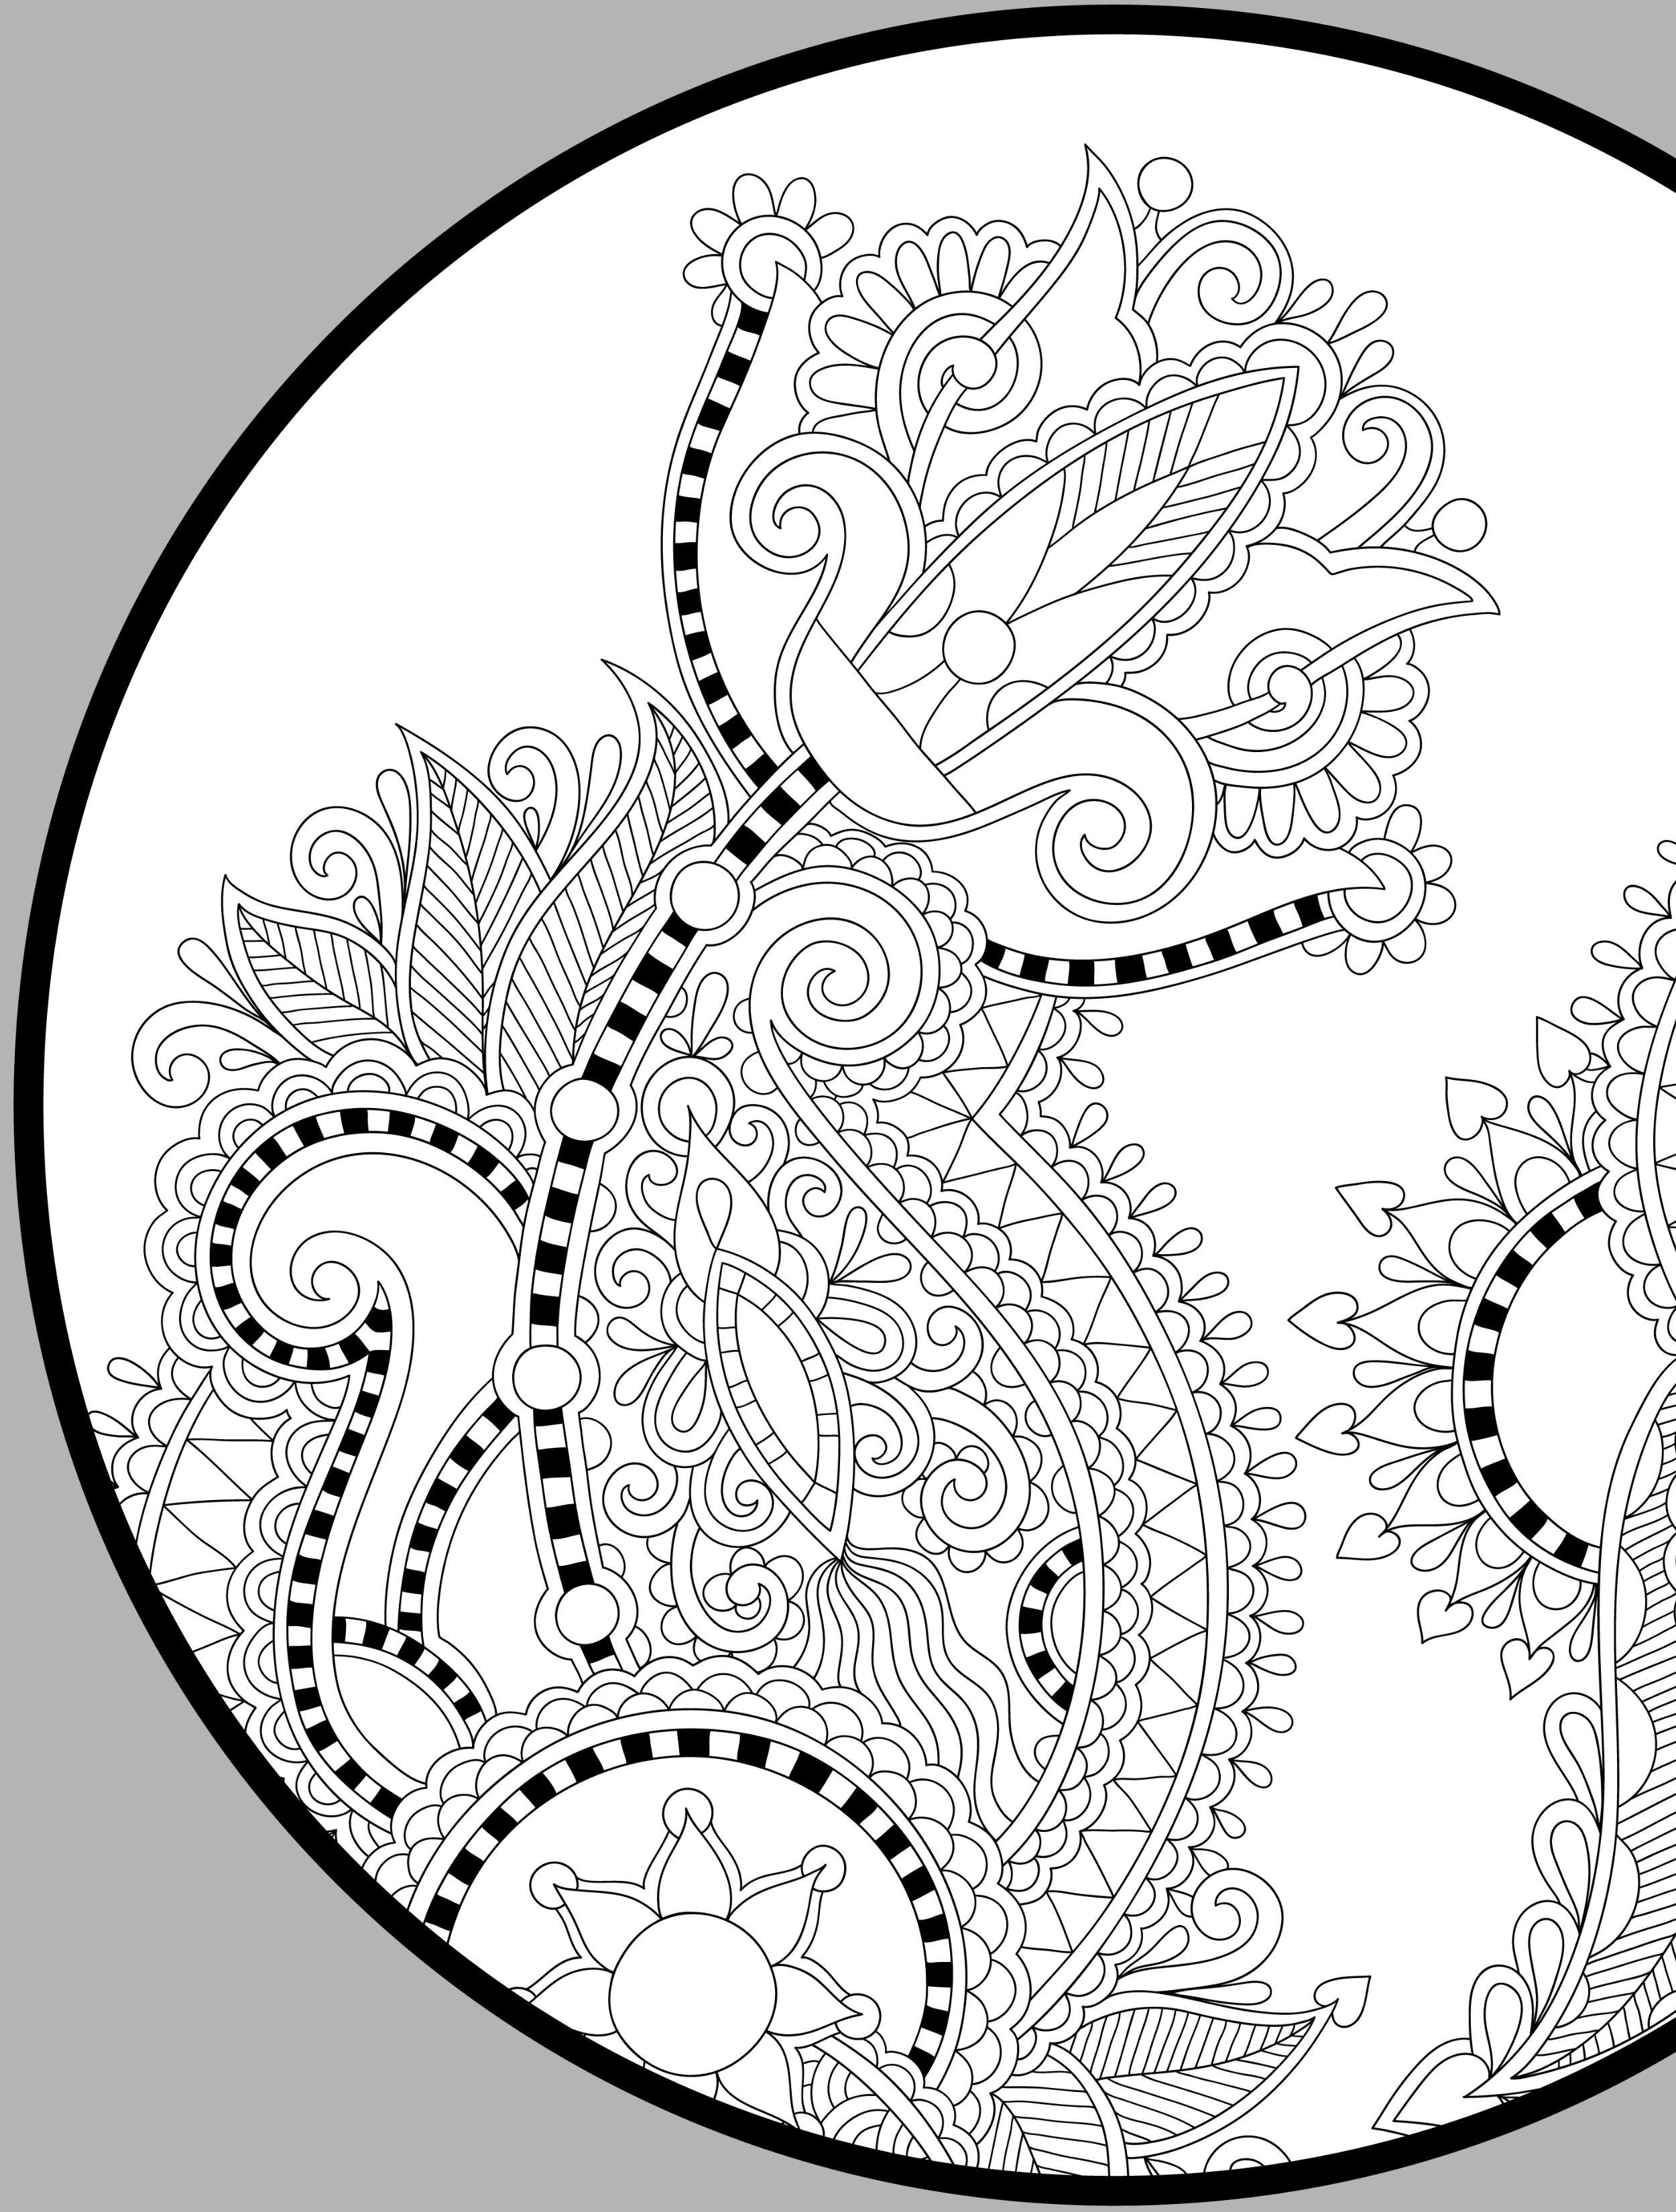 Pin de Tina Mead en Coloring Pages | Pinterest | Mandalas